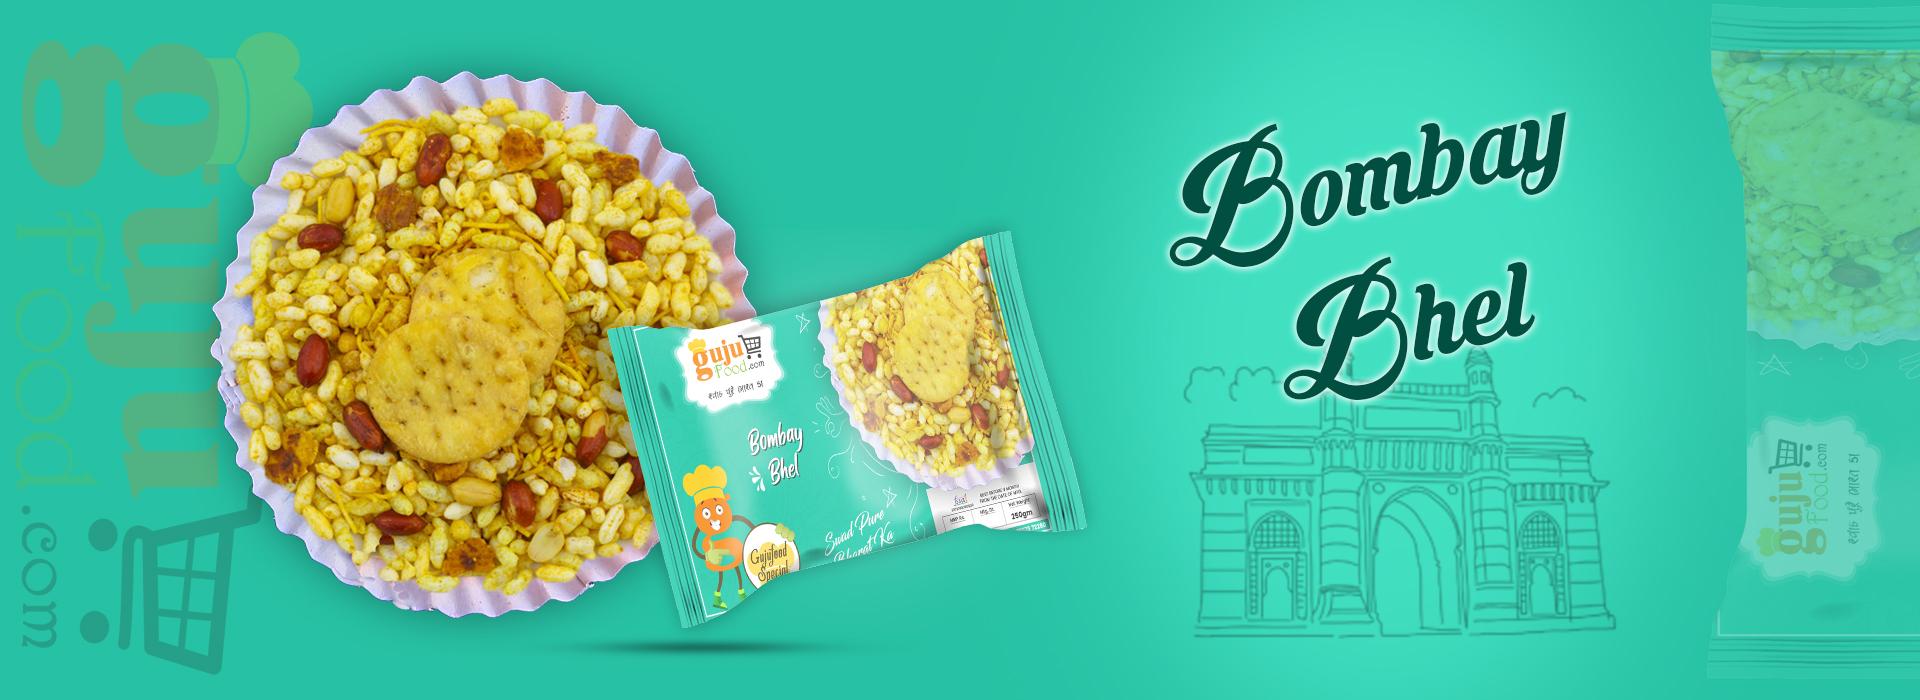 Bombay Bhel